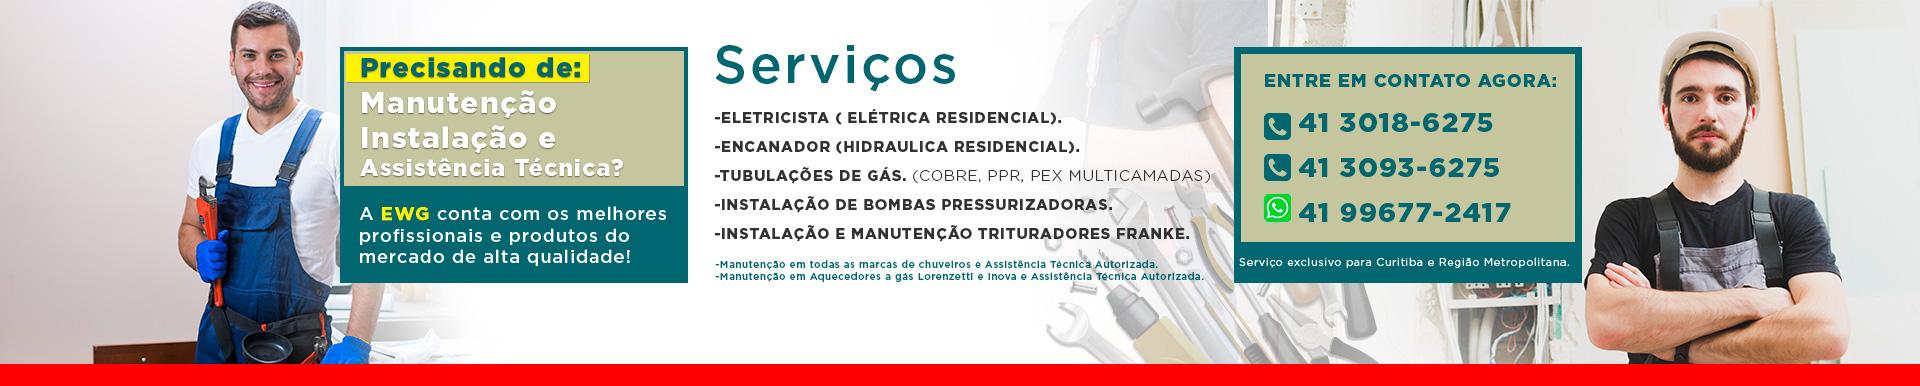 banner servicos